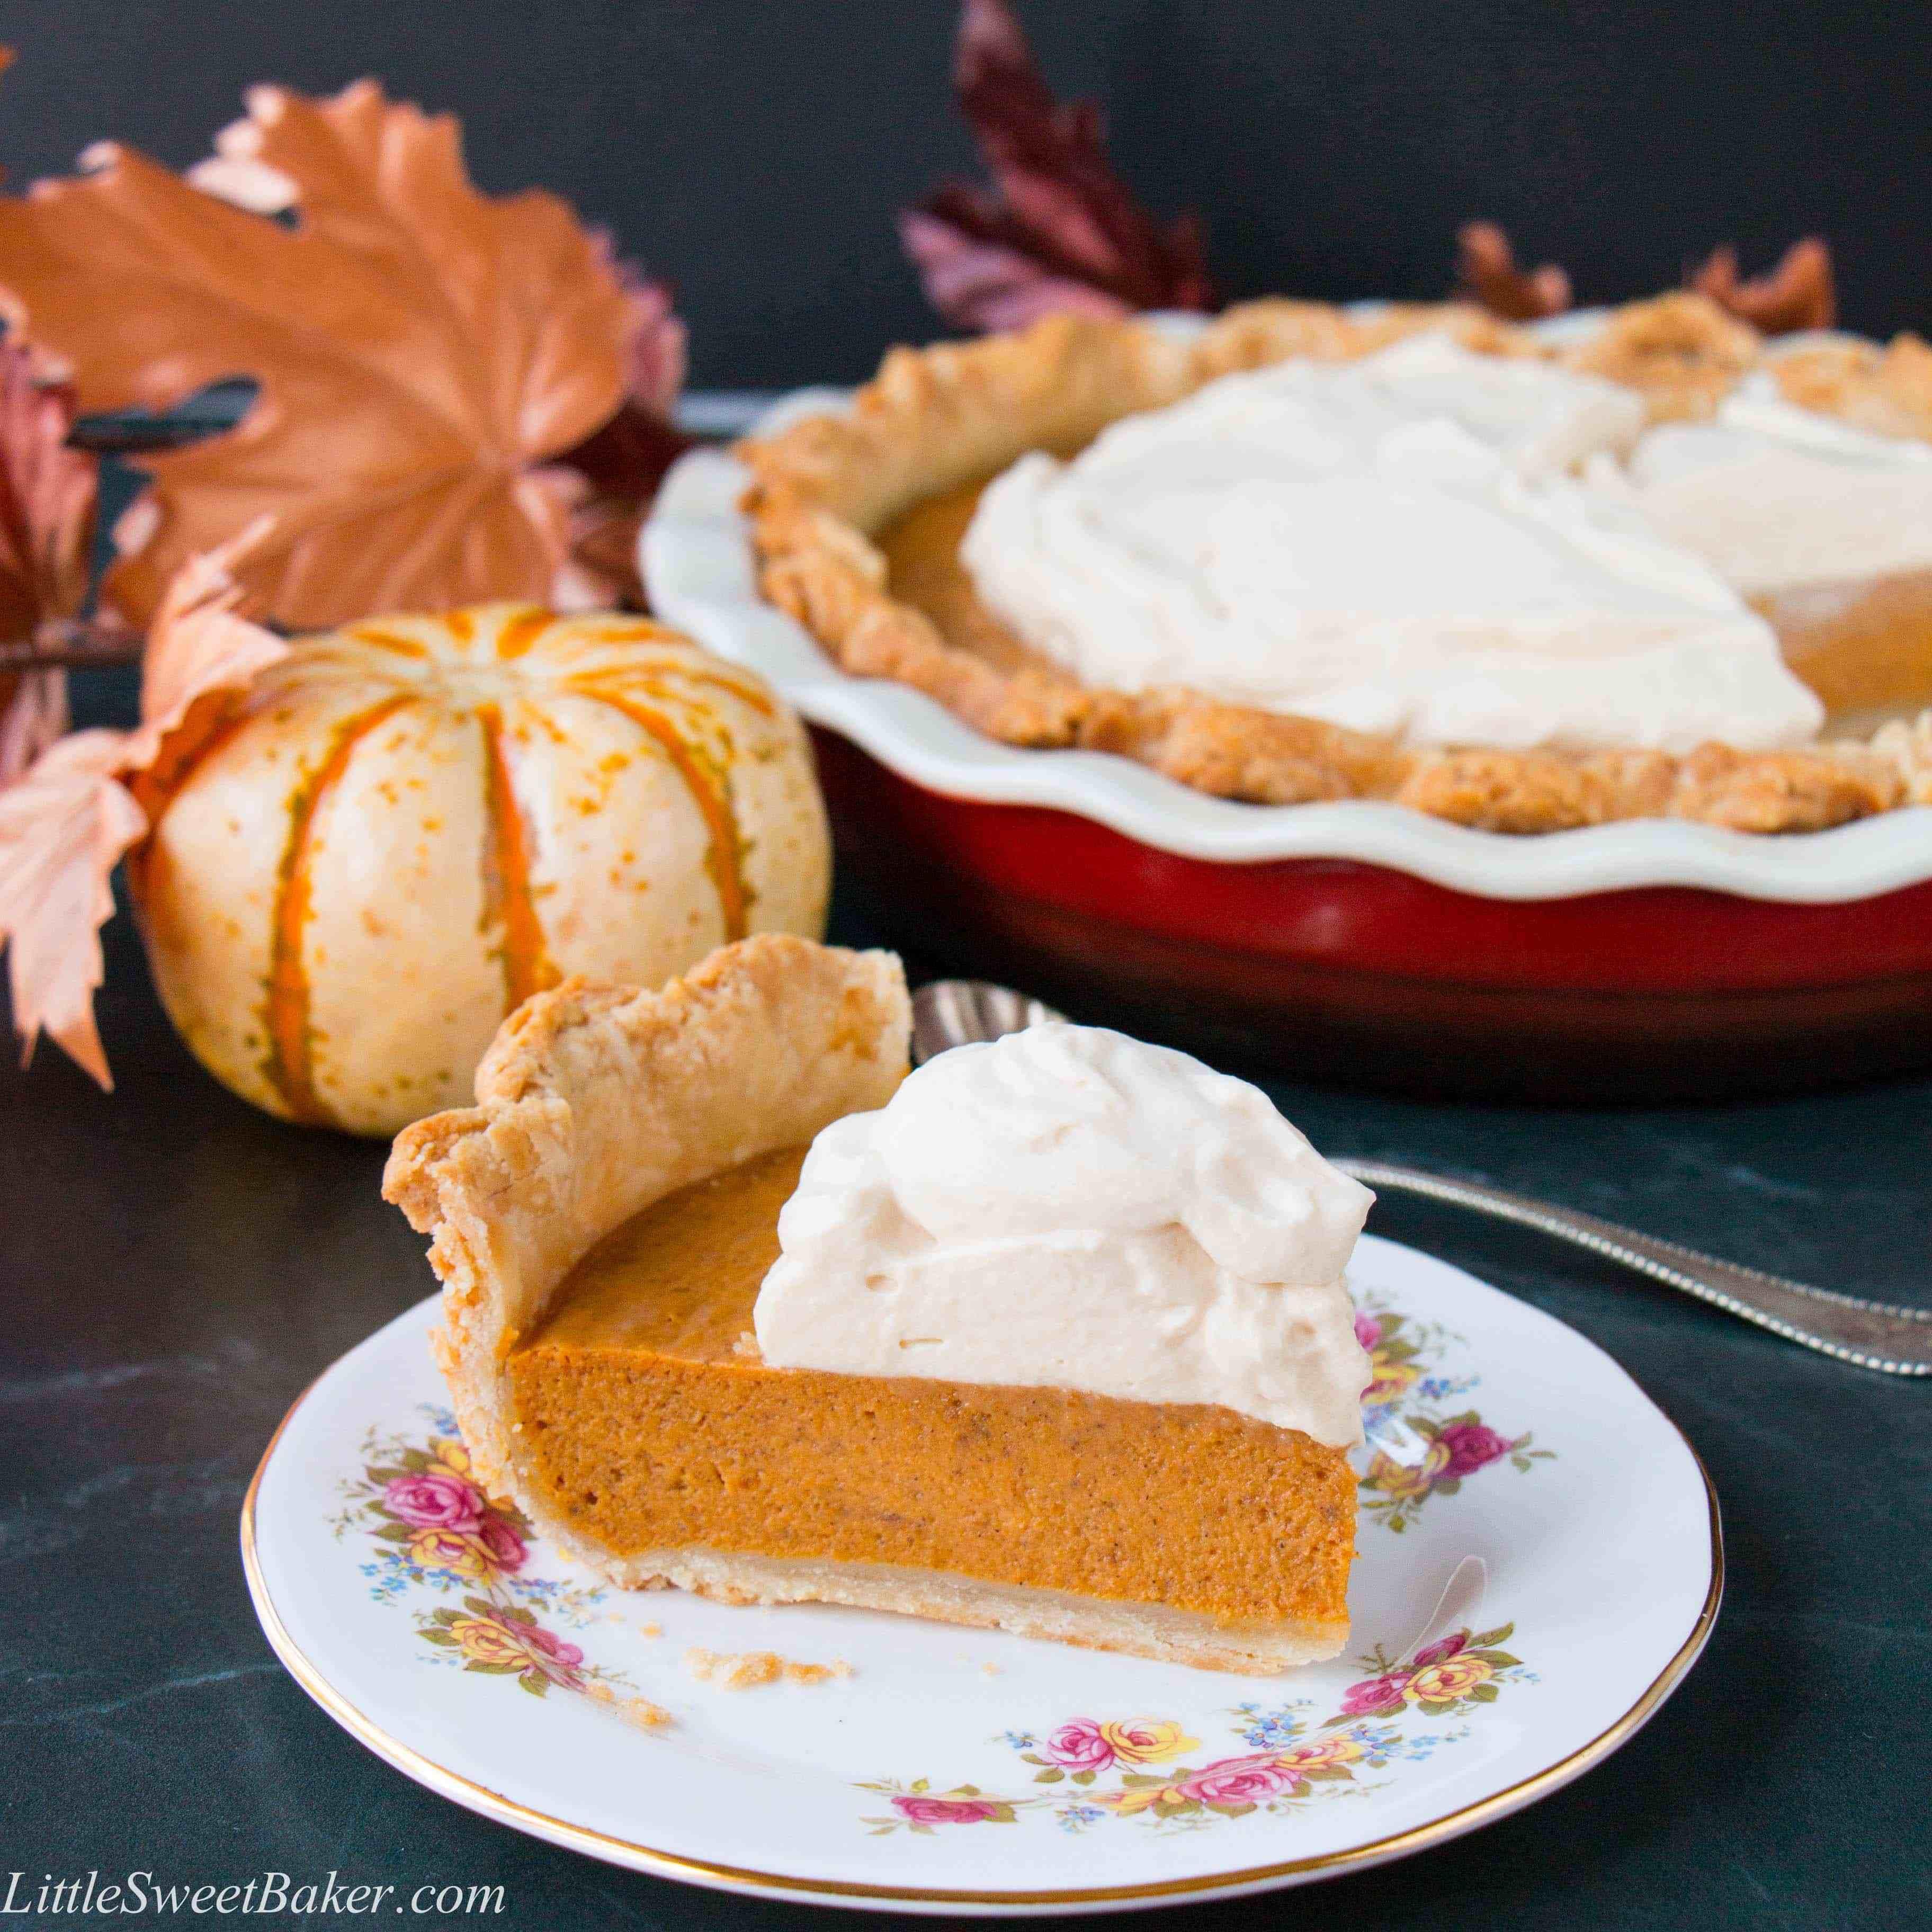 Pumpkin Pie Ingredients  Pumpkin Pie with Salted Caramel Whipped Cream video